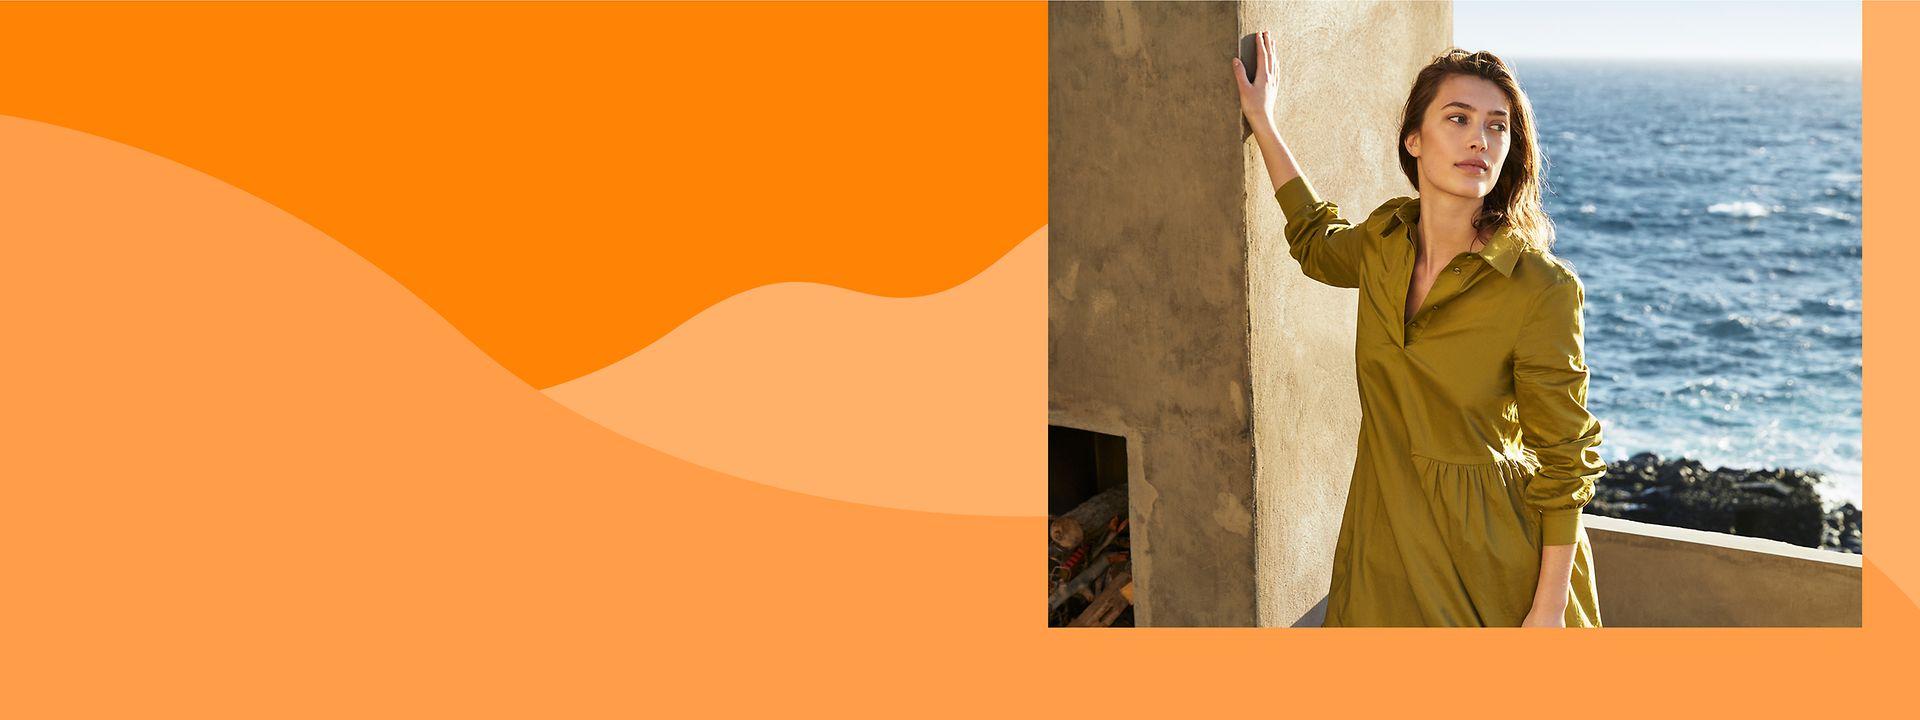 232021 - women - startpage - SES SS21 - Main banner - IMG